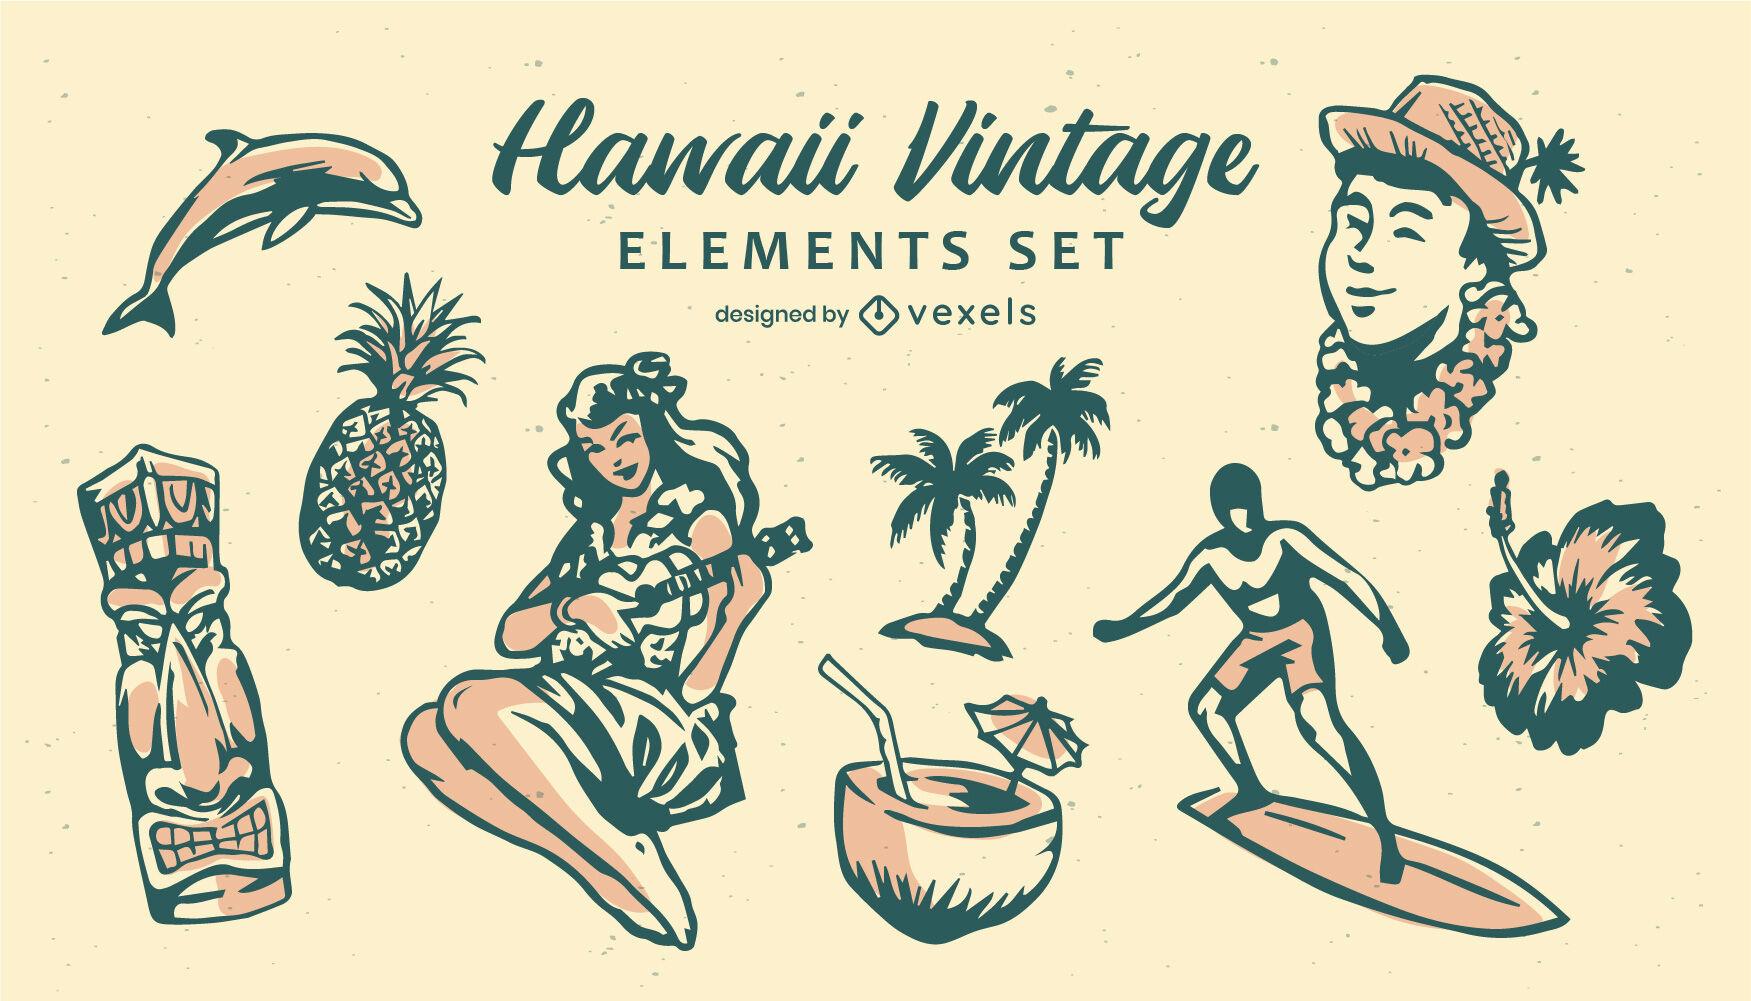 Conjunto de elementos vintage do Havaí